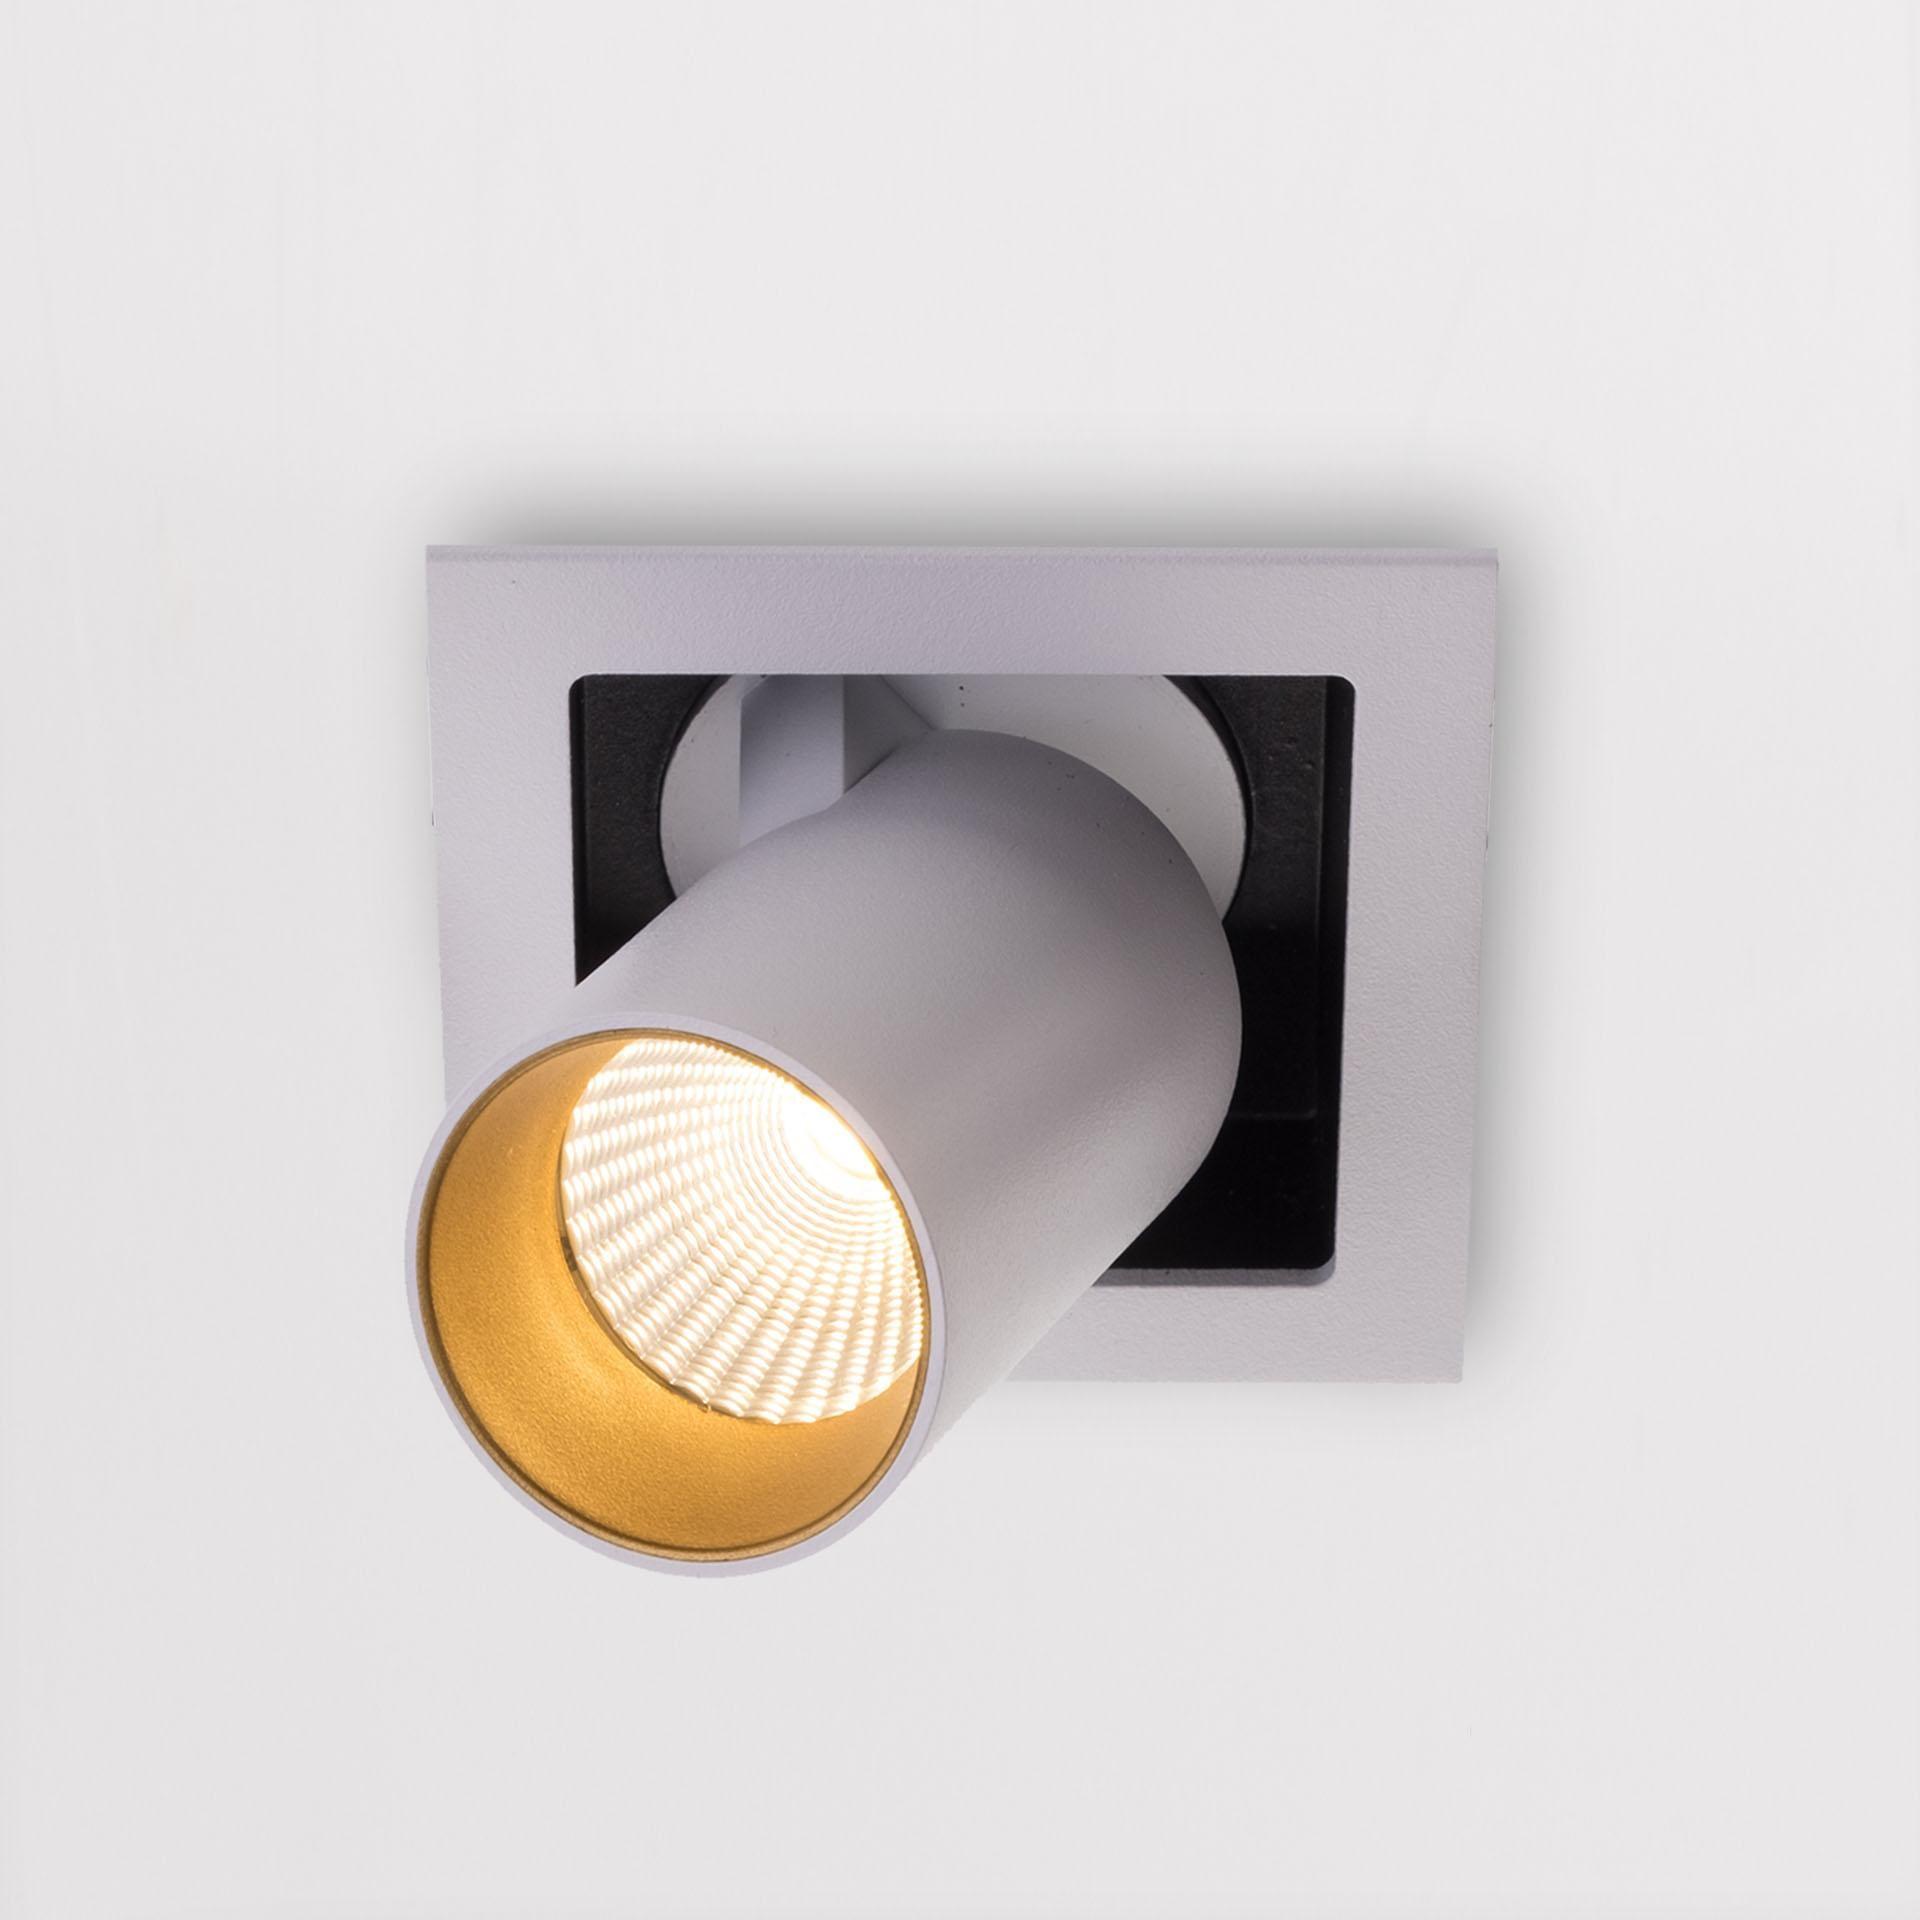 Mr Hide – Square LED